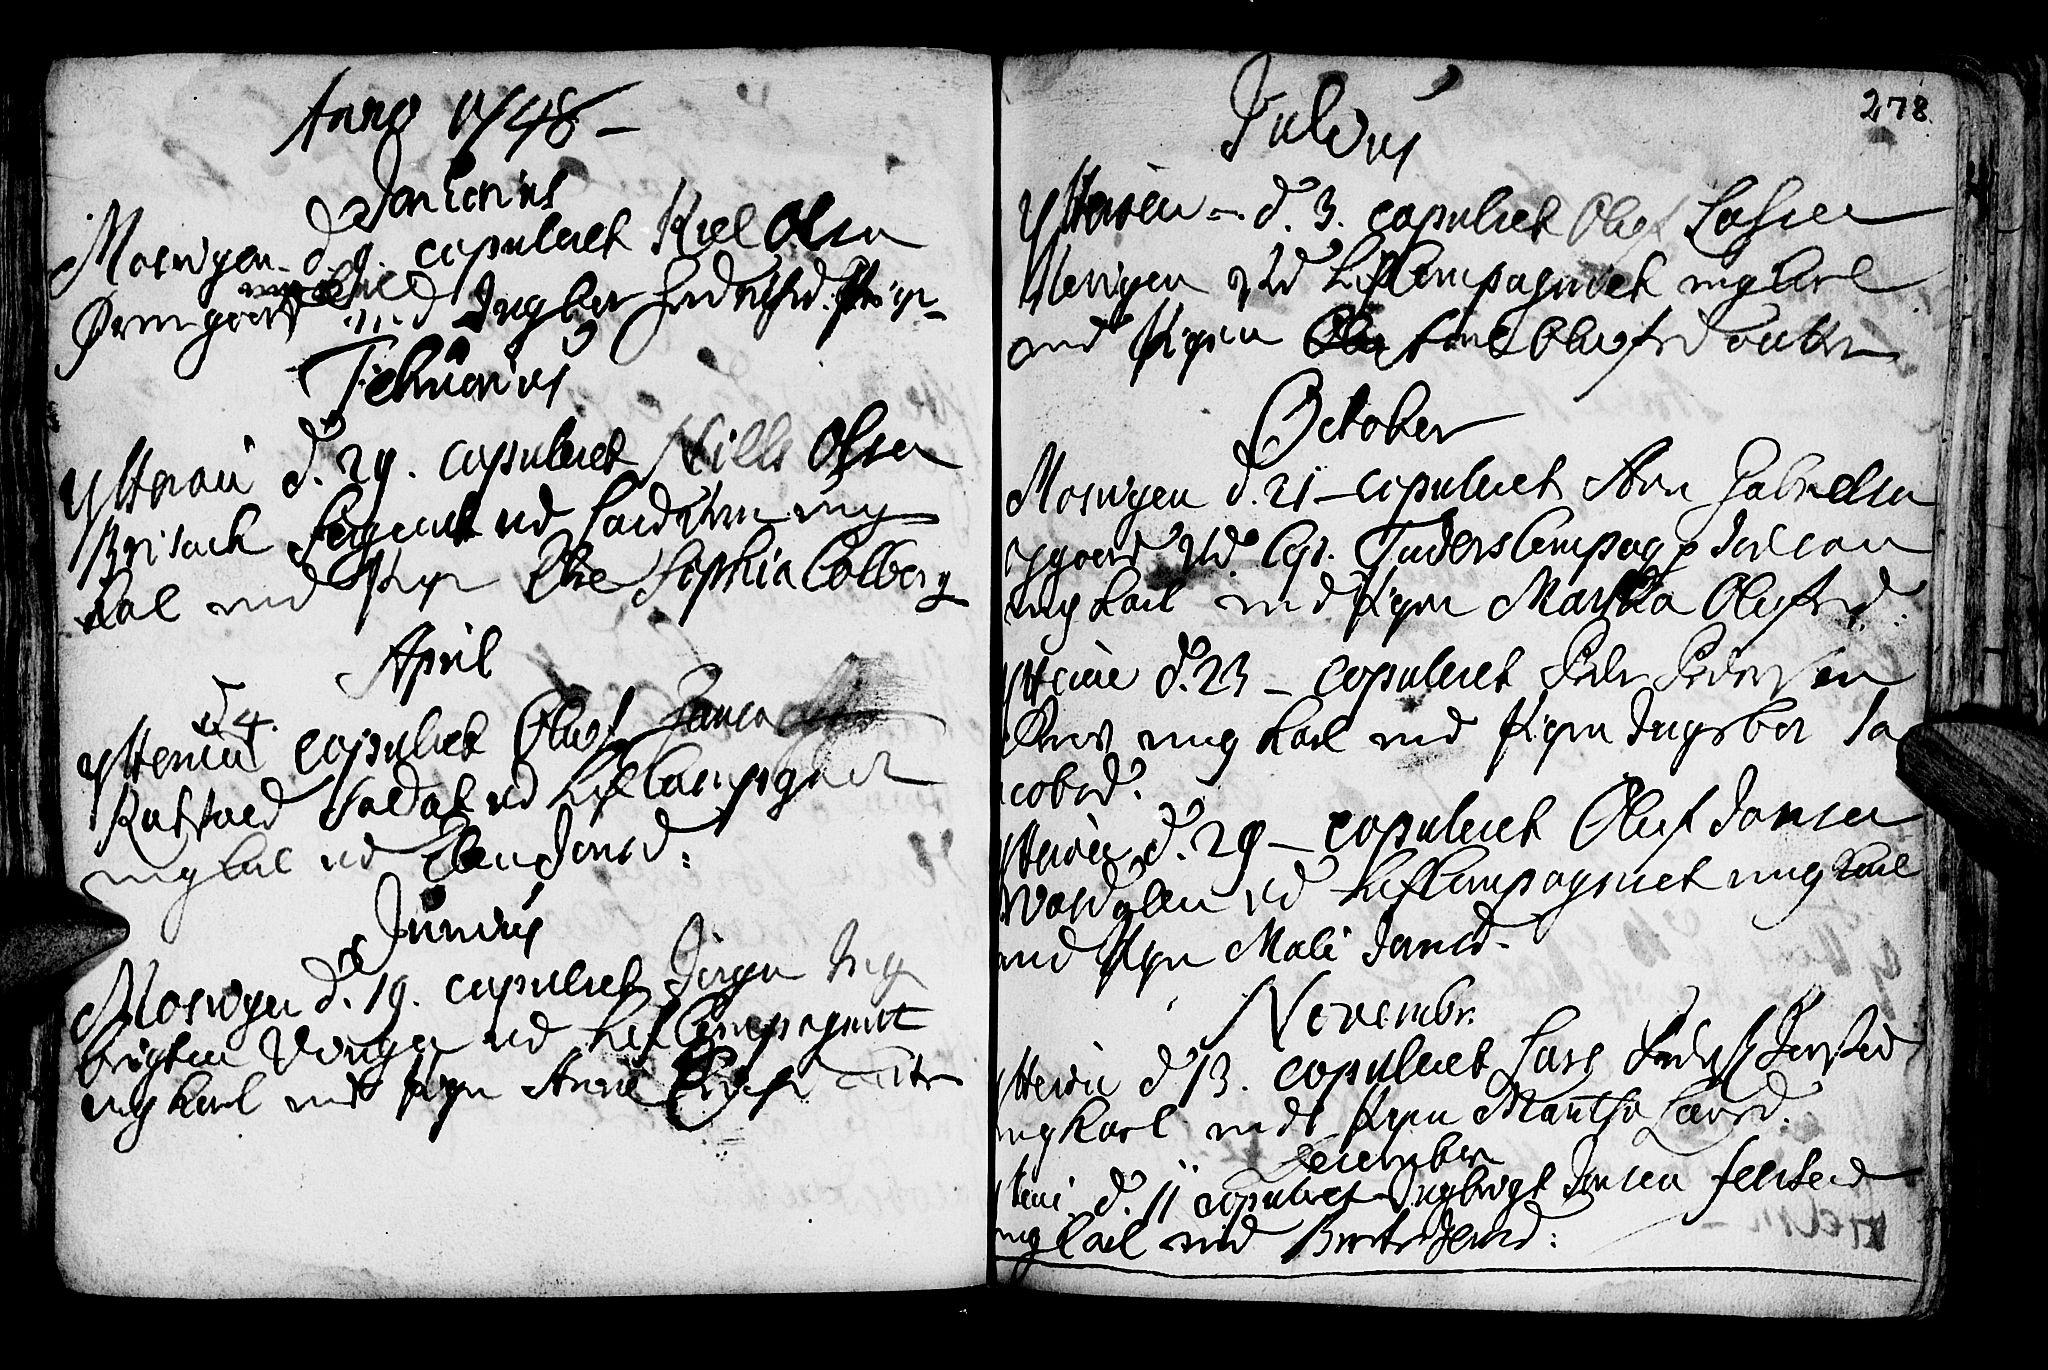 SAT, Ministerialprotokoller, klokkerbøker og fødselsregistre - Nord-Trøndelag, 722/L0215: Ministerialbok nr. 722A02, 1718-1755, s. 278